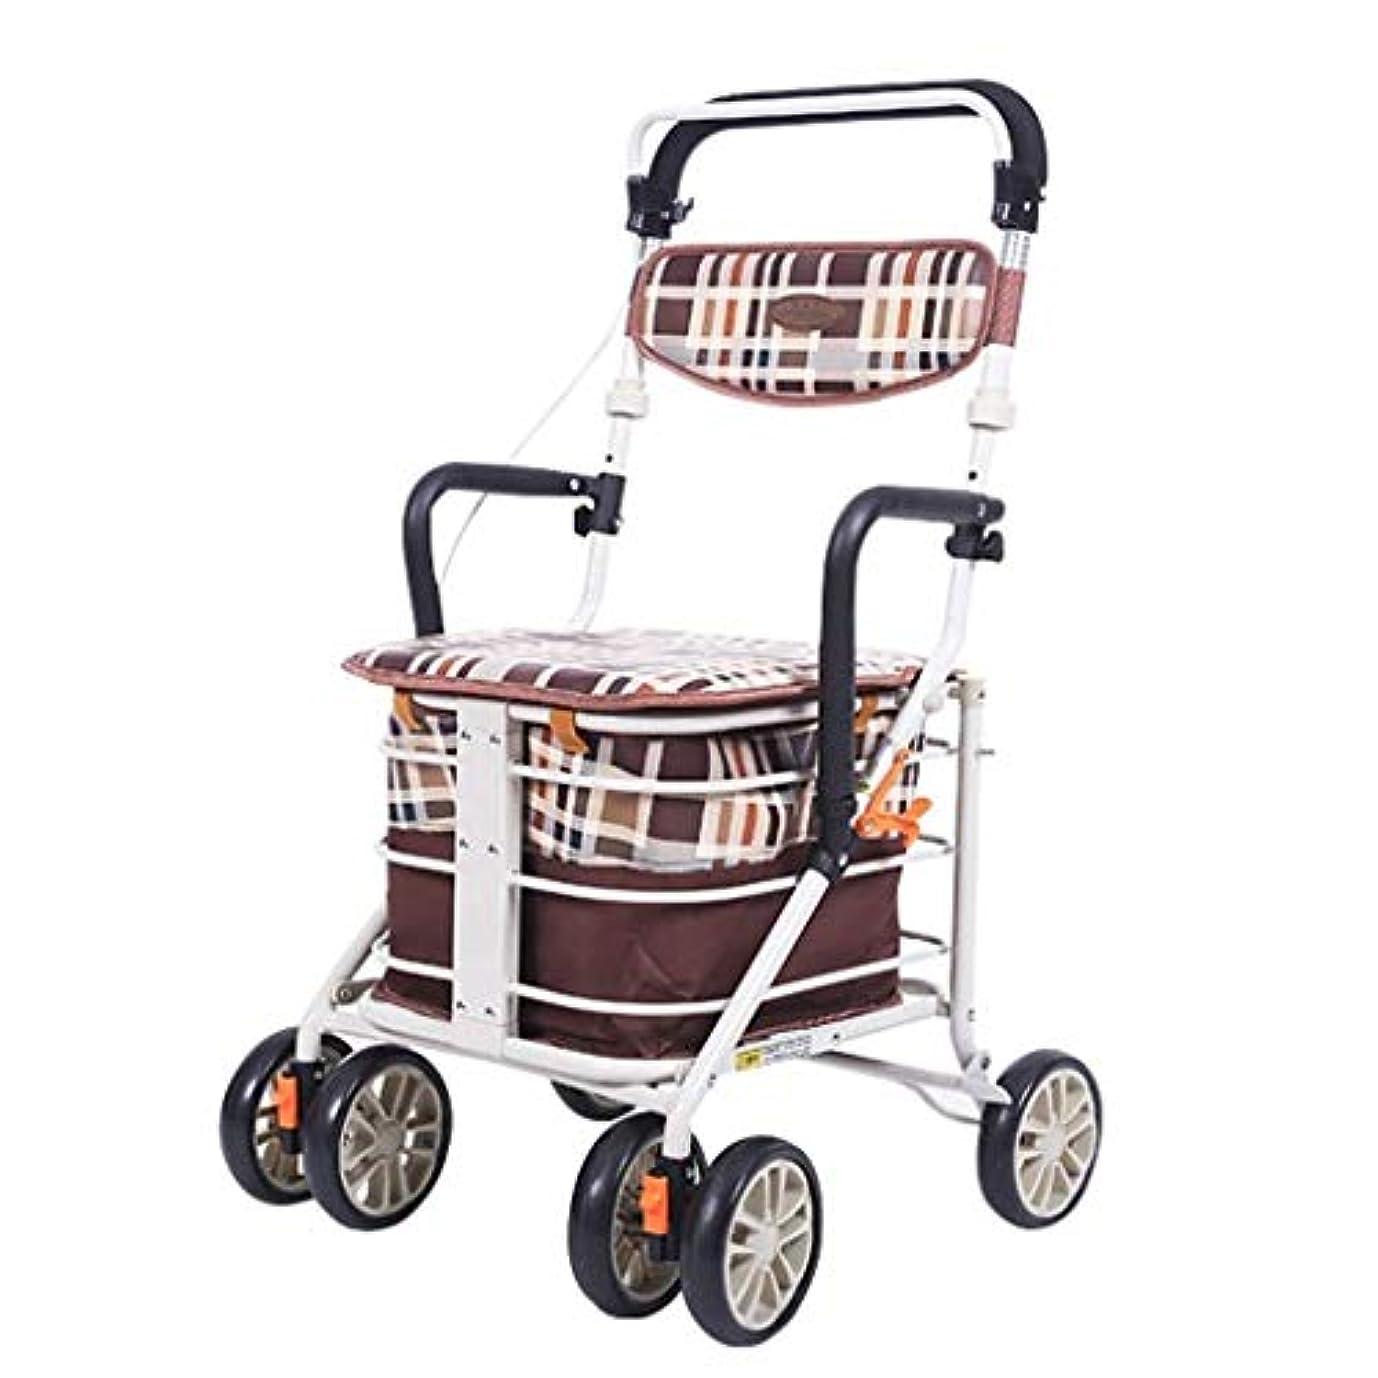 ハンドブレーキ高齢者歩行者が付いている軽量のアルミ合金の座席を折る多機能歩行者のトロリーショッピングカート